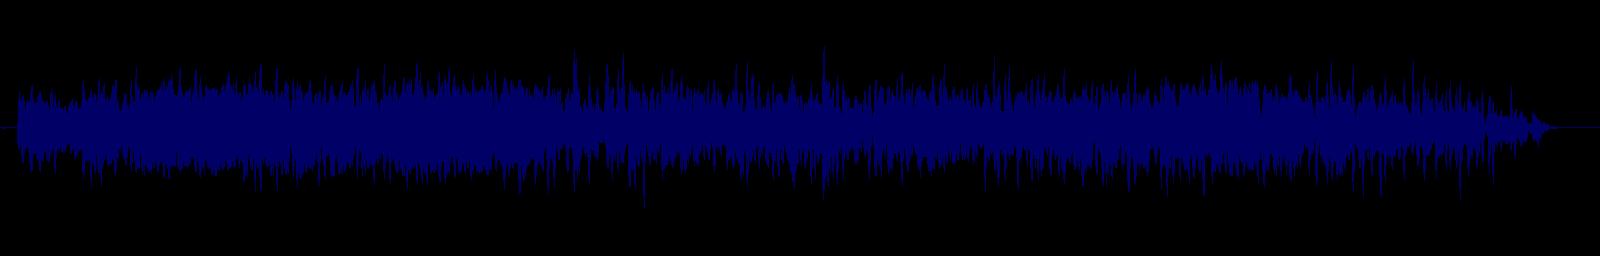 waveform of track #112828